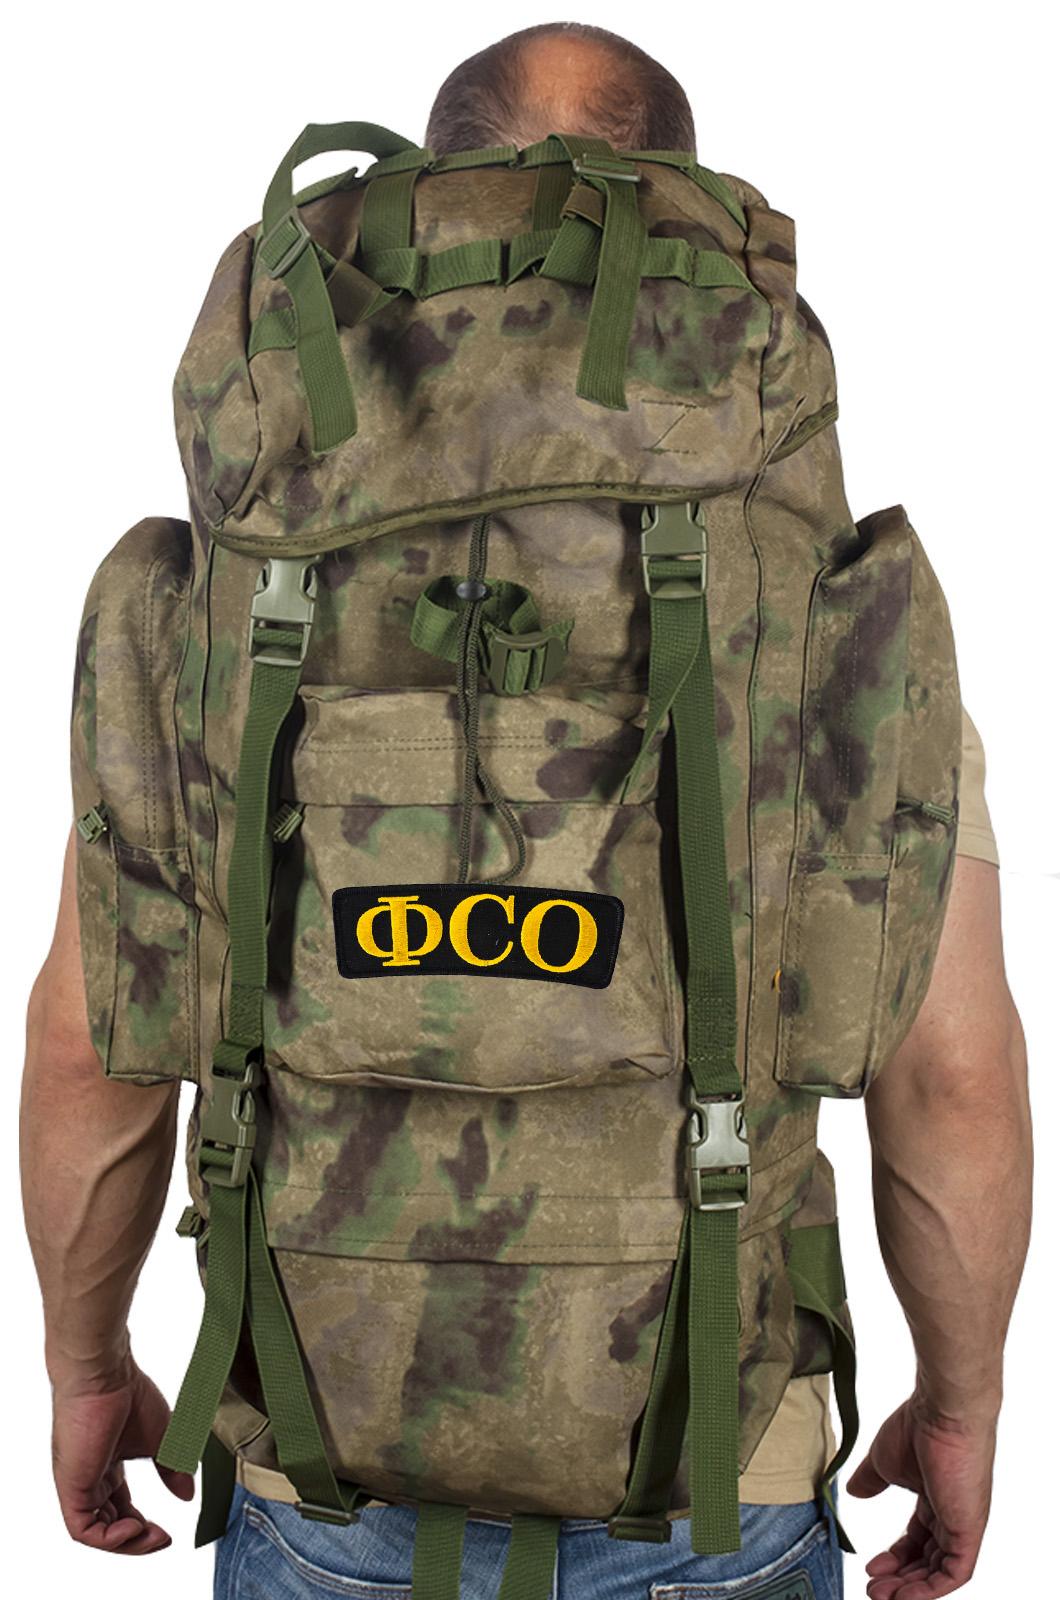 Рейдовый камуфляжный ранец-рюкзак ФСО - купить оптом